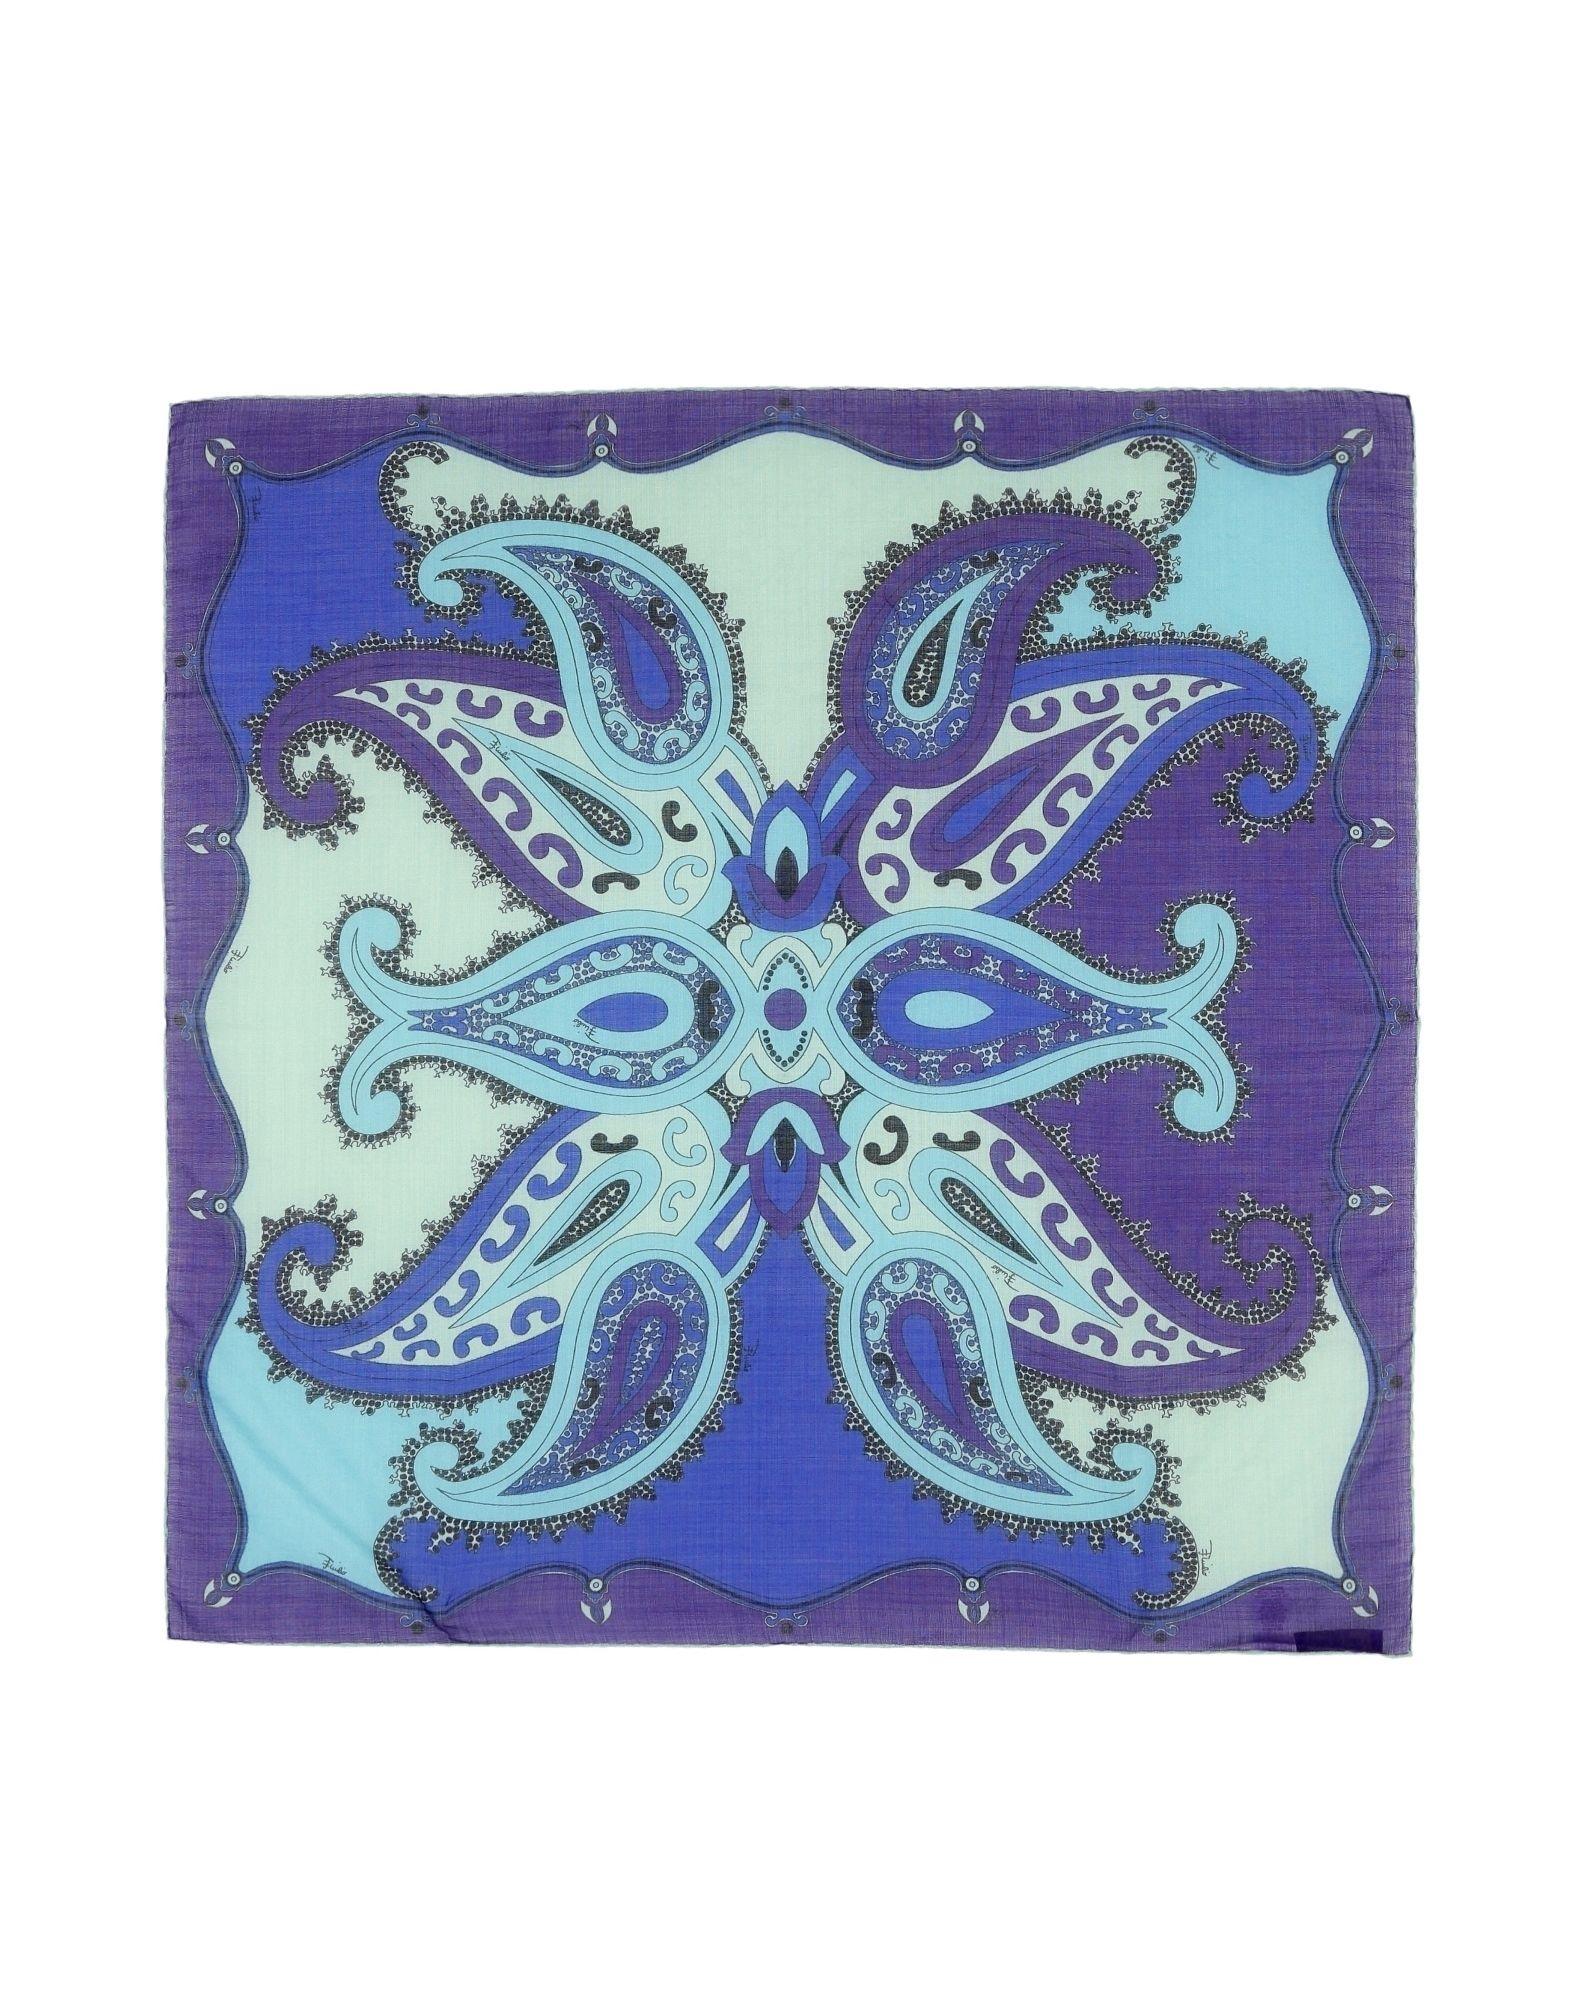 EMILIO PUCCI Платок emilio pucci модный шелковый головной платок emilio pucci 64315